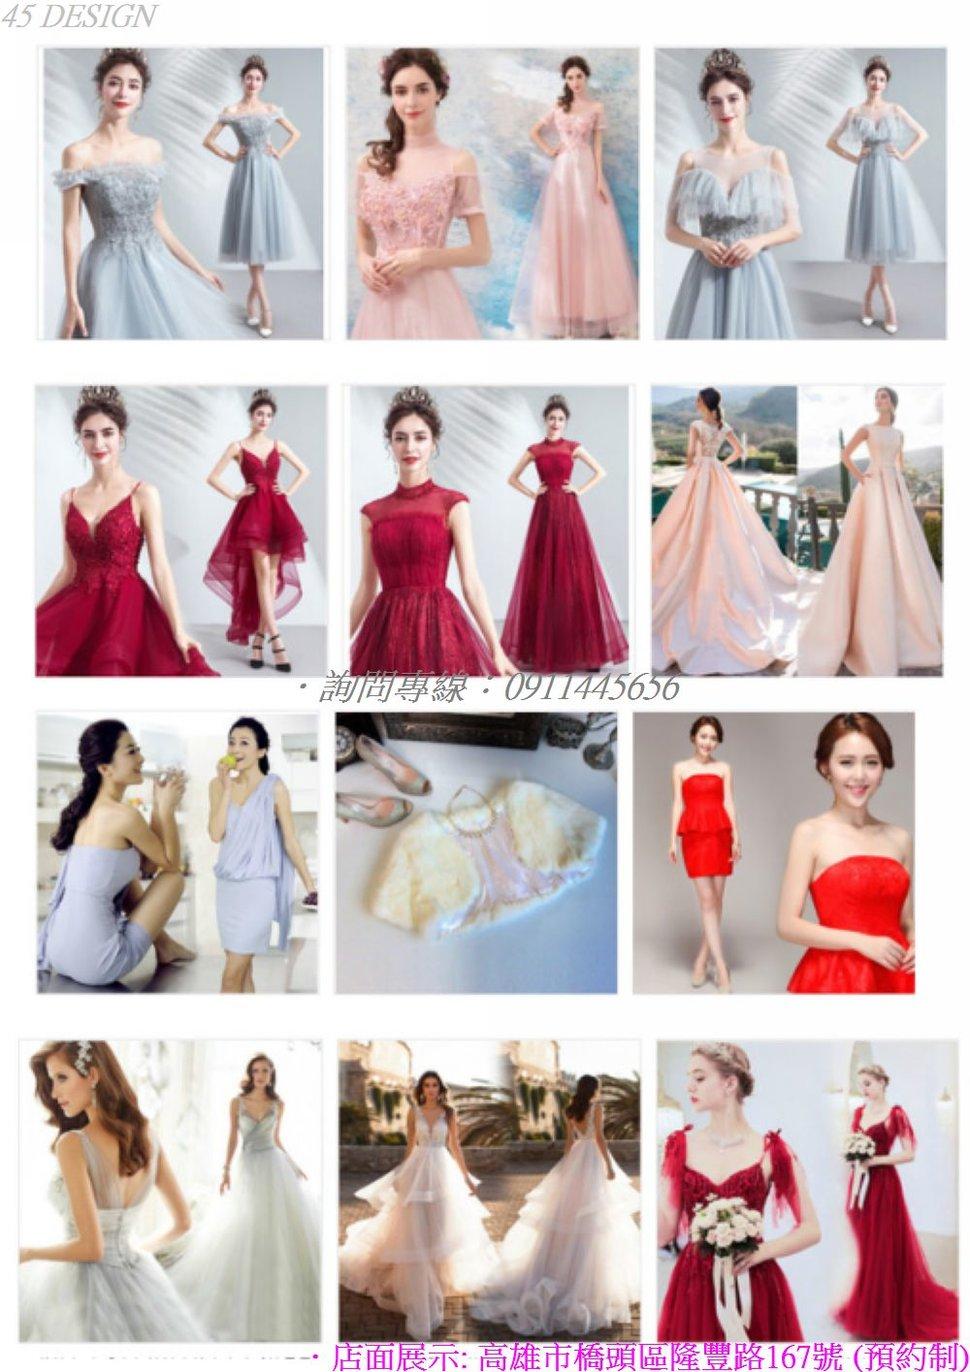 msl1908151E694995AE3E45E3942305746420FBA9 - 全台最便宜-45DESIGN四五婚紗禮服《結婚吧》